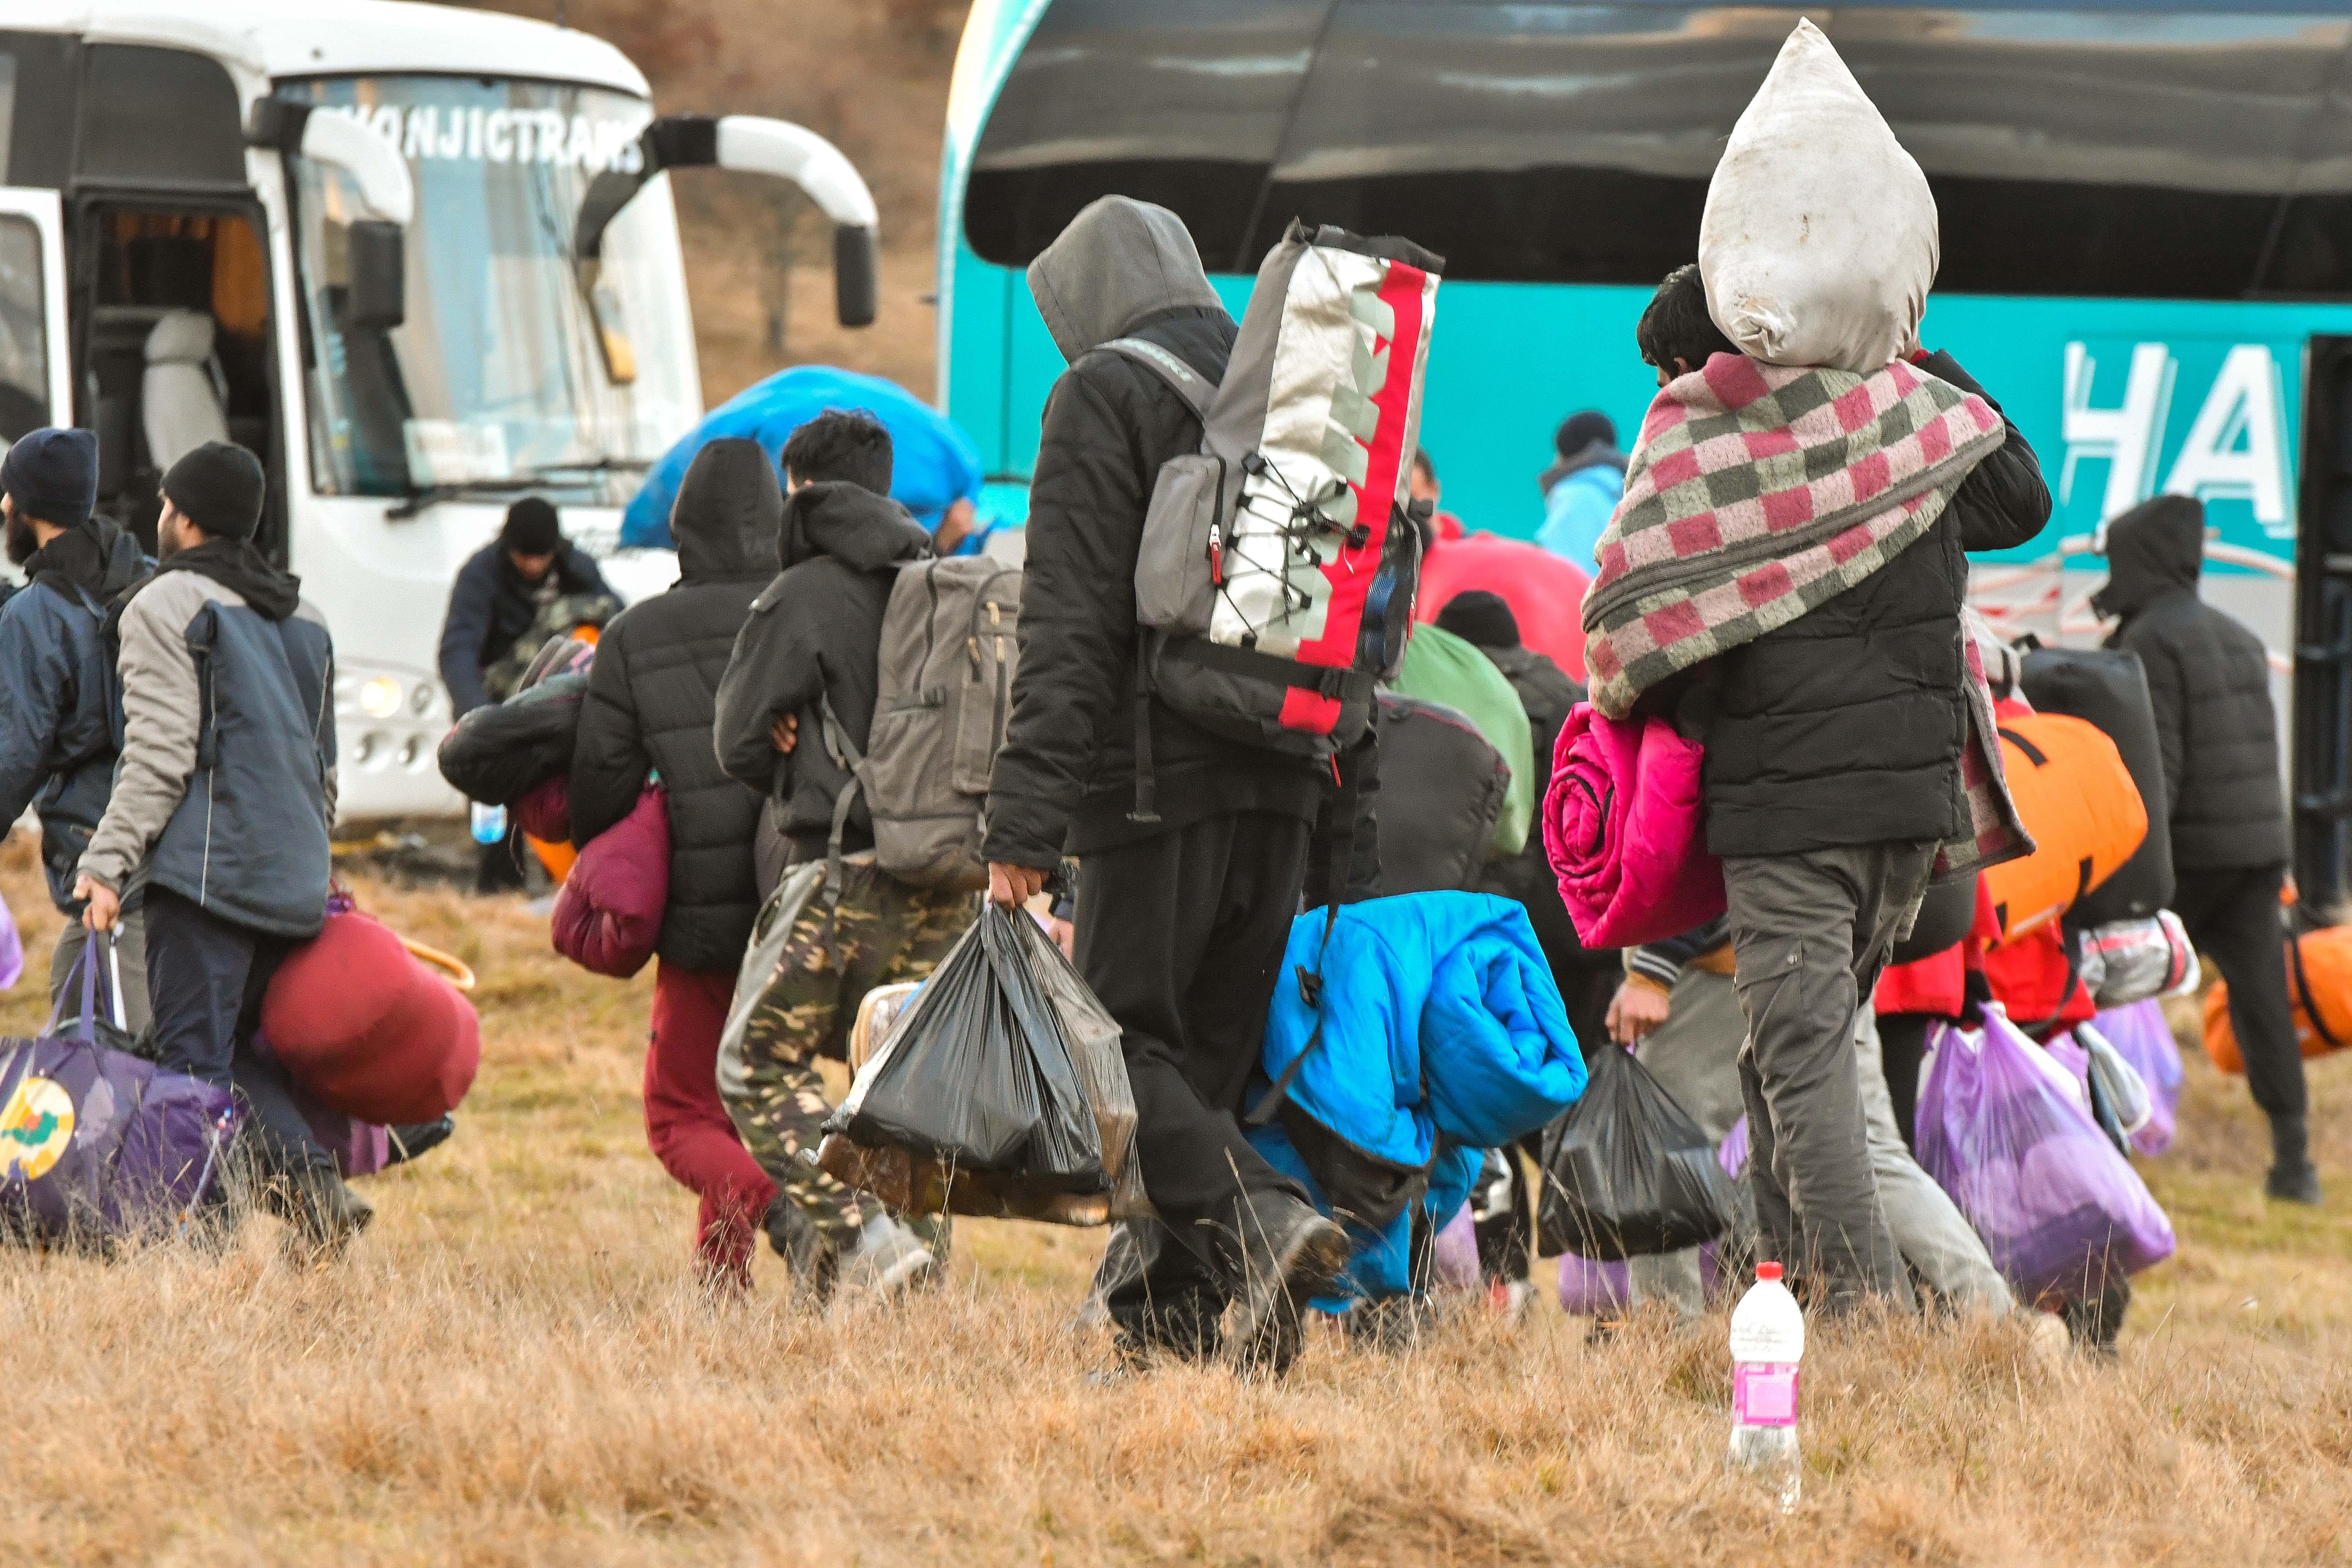 Guardian: Svjetske sile evakuiraju Afganistance, a Hrvati ih pljačkaju